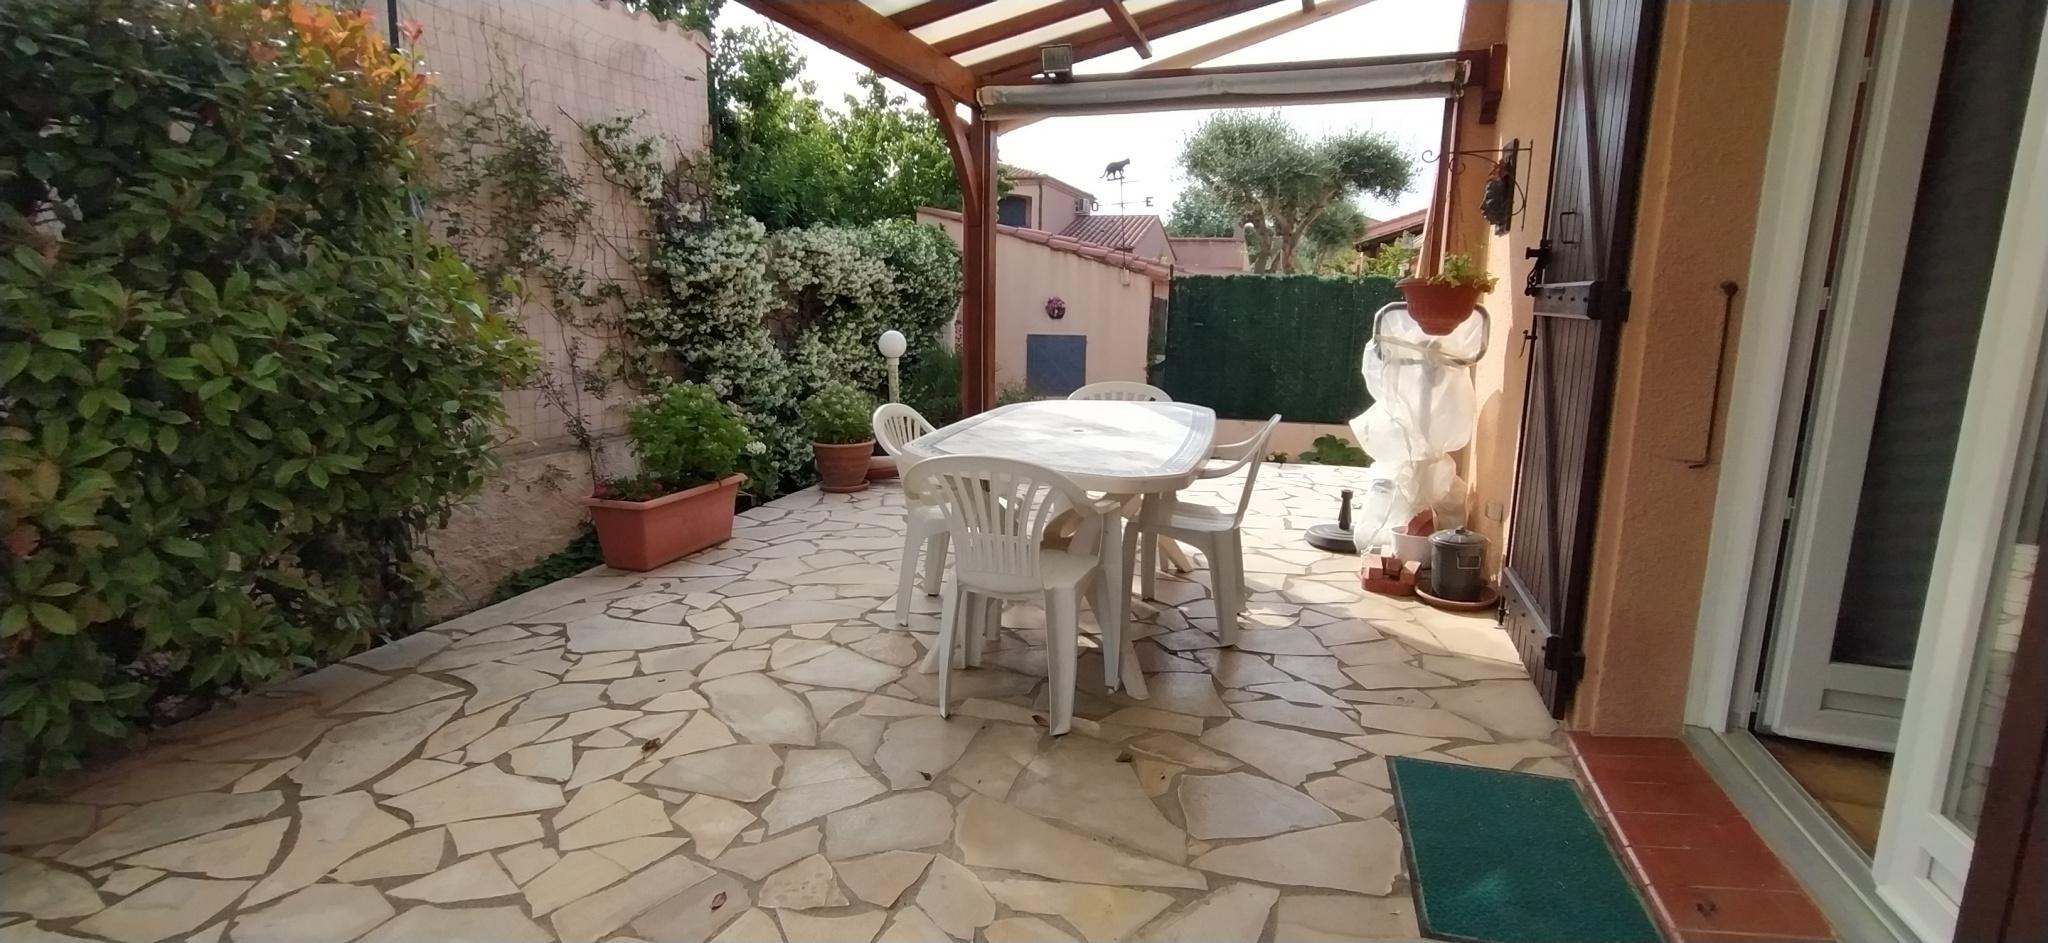 À vendre maison/villa de 140m2 à argeles sur mer (66700) - Photo 19'